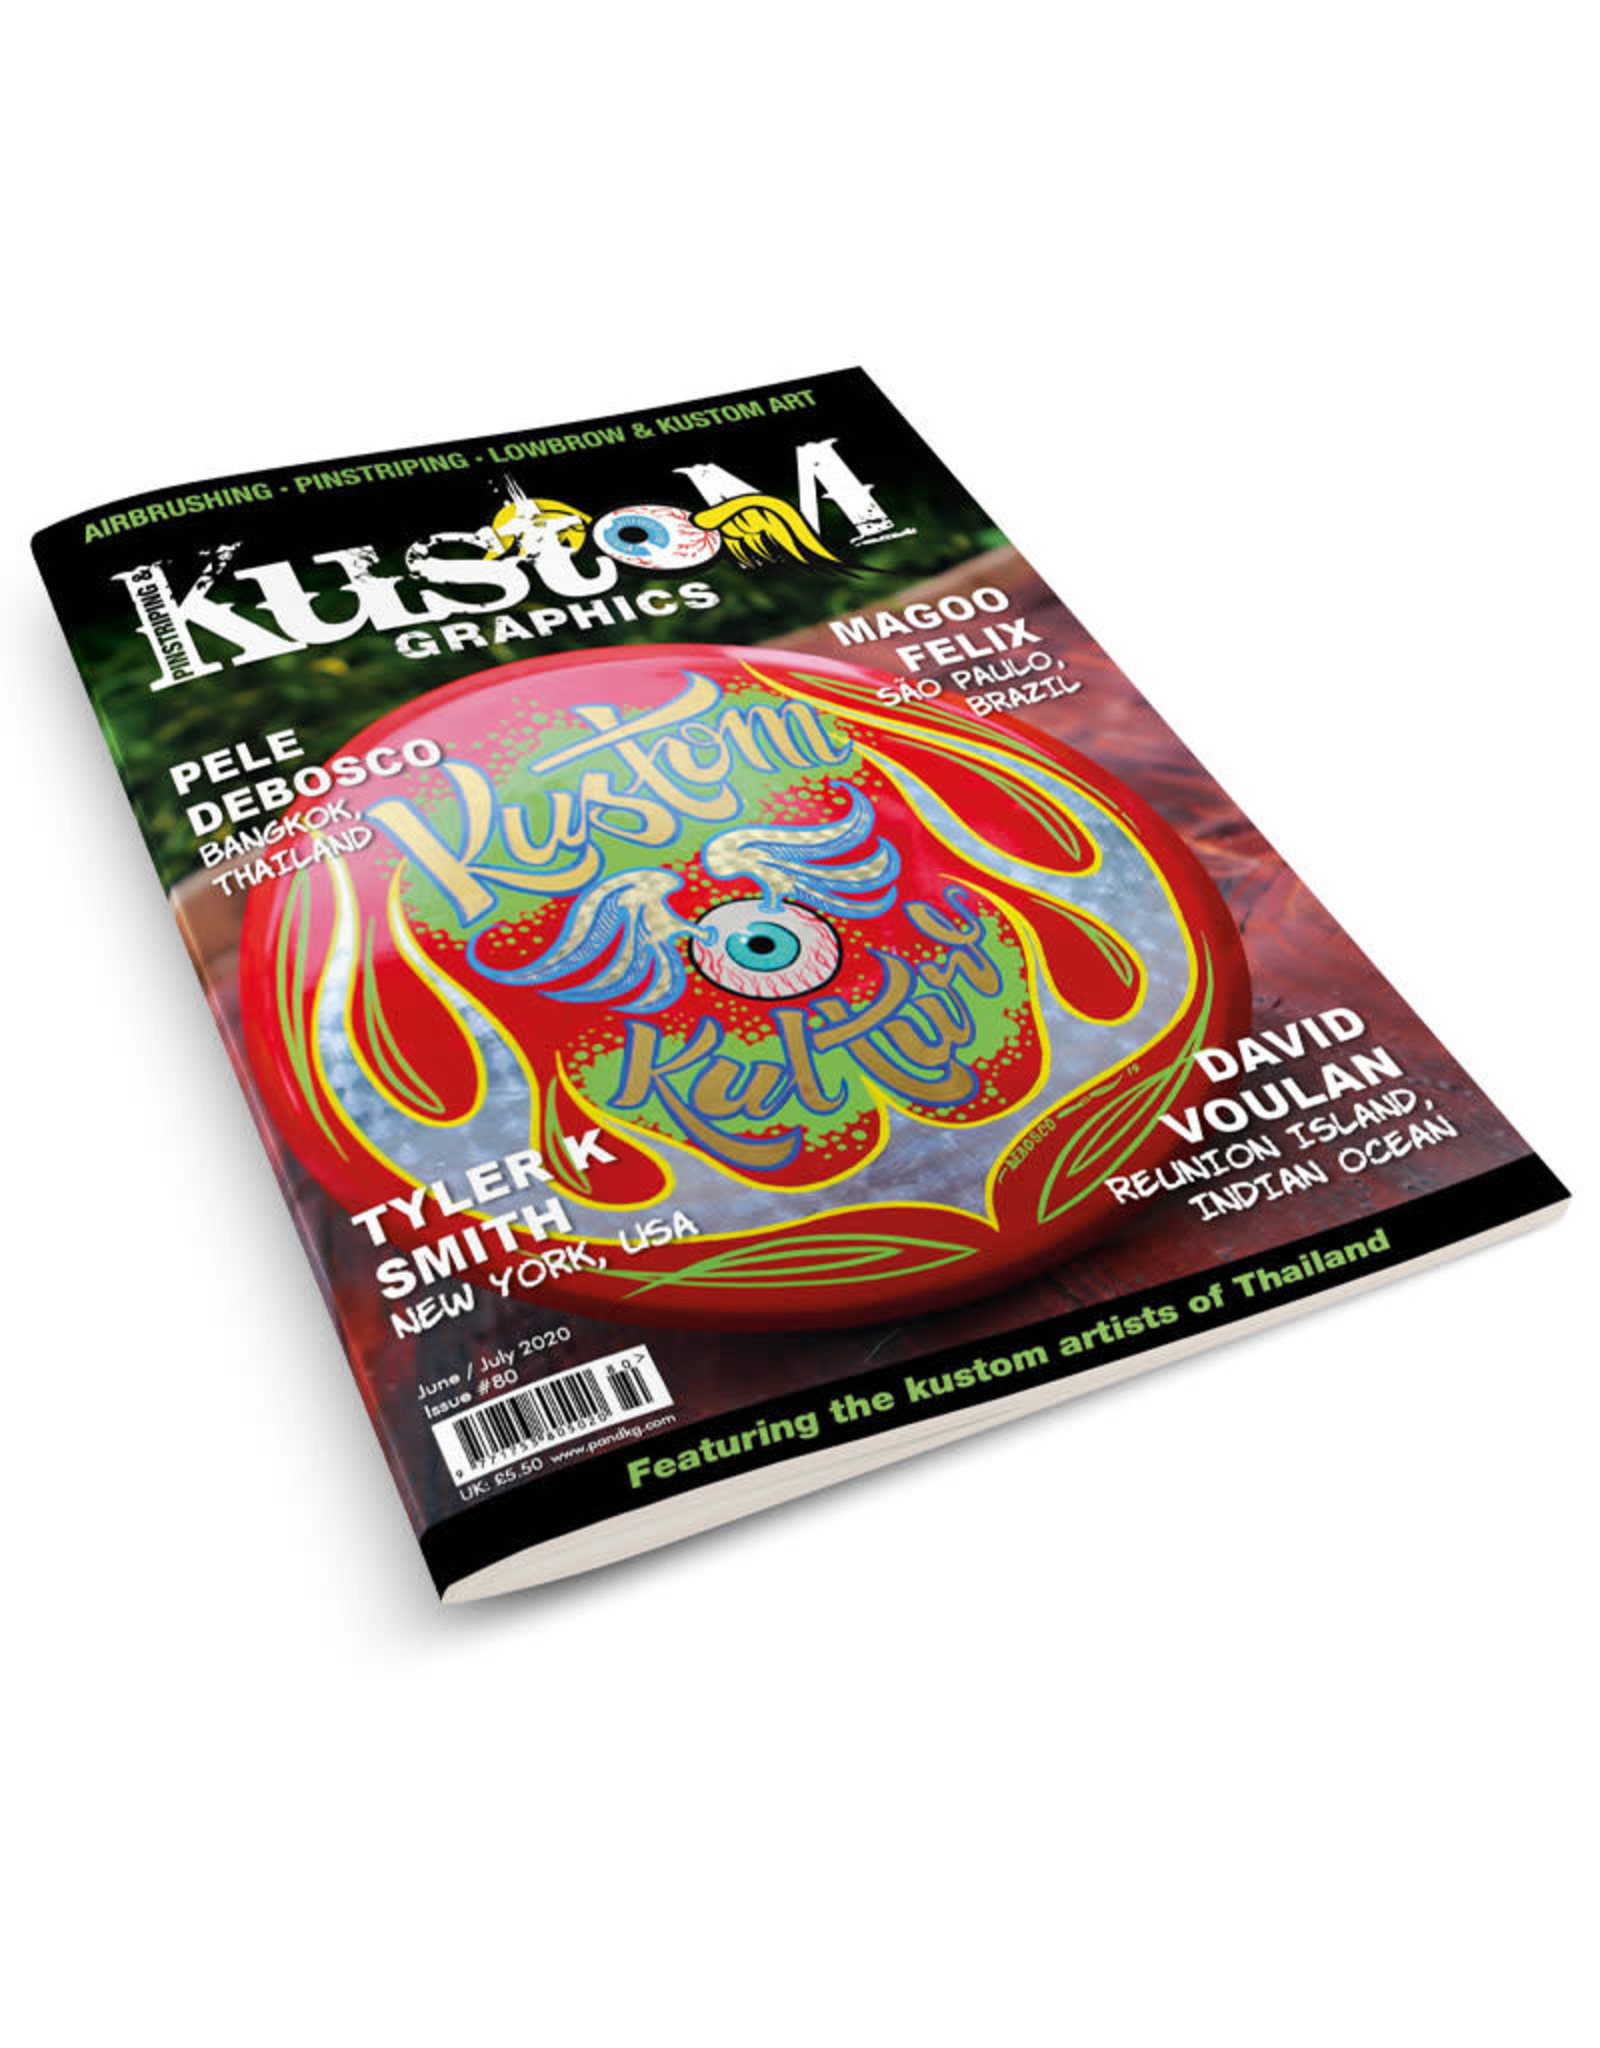 Pinstriping & Kustom Graphics magazine Pinstriping & Kustom Graphics magazine #80